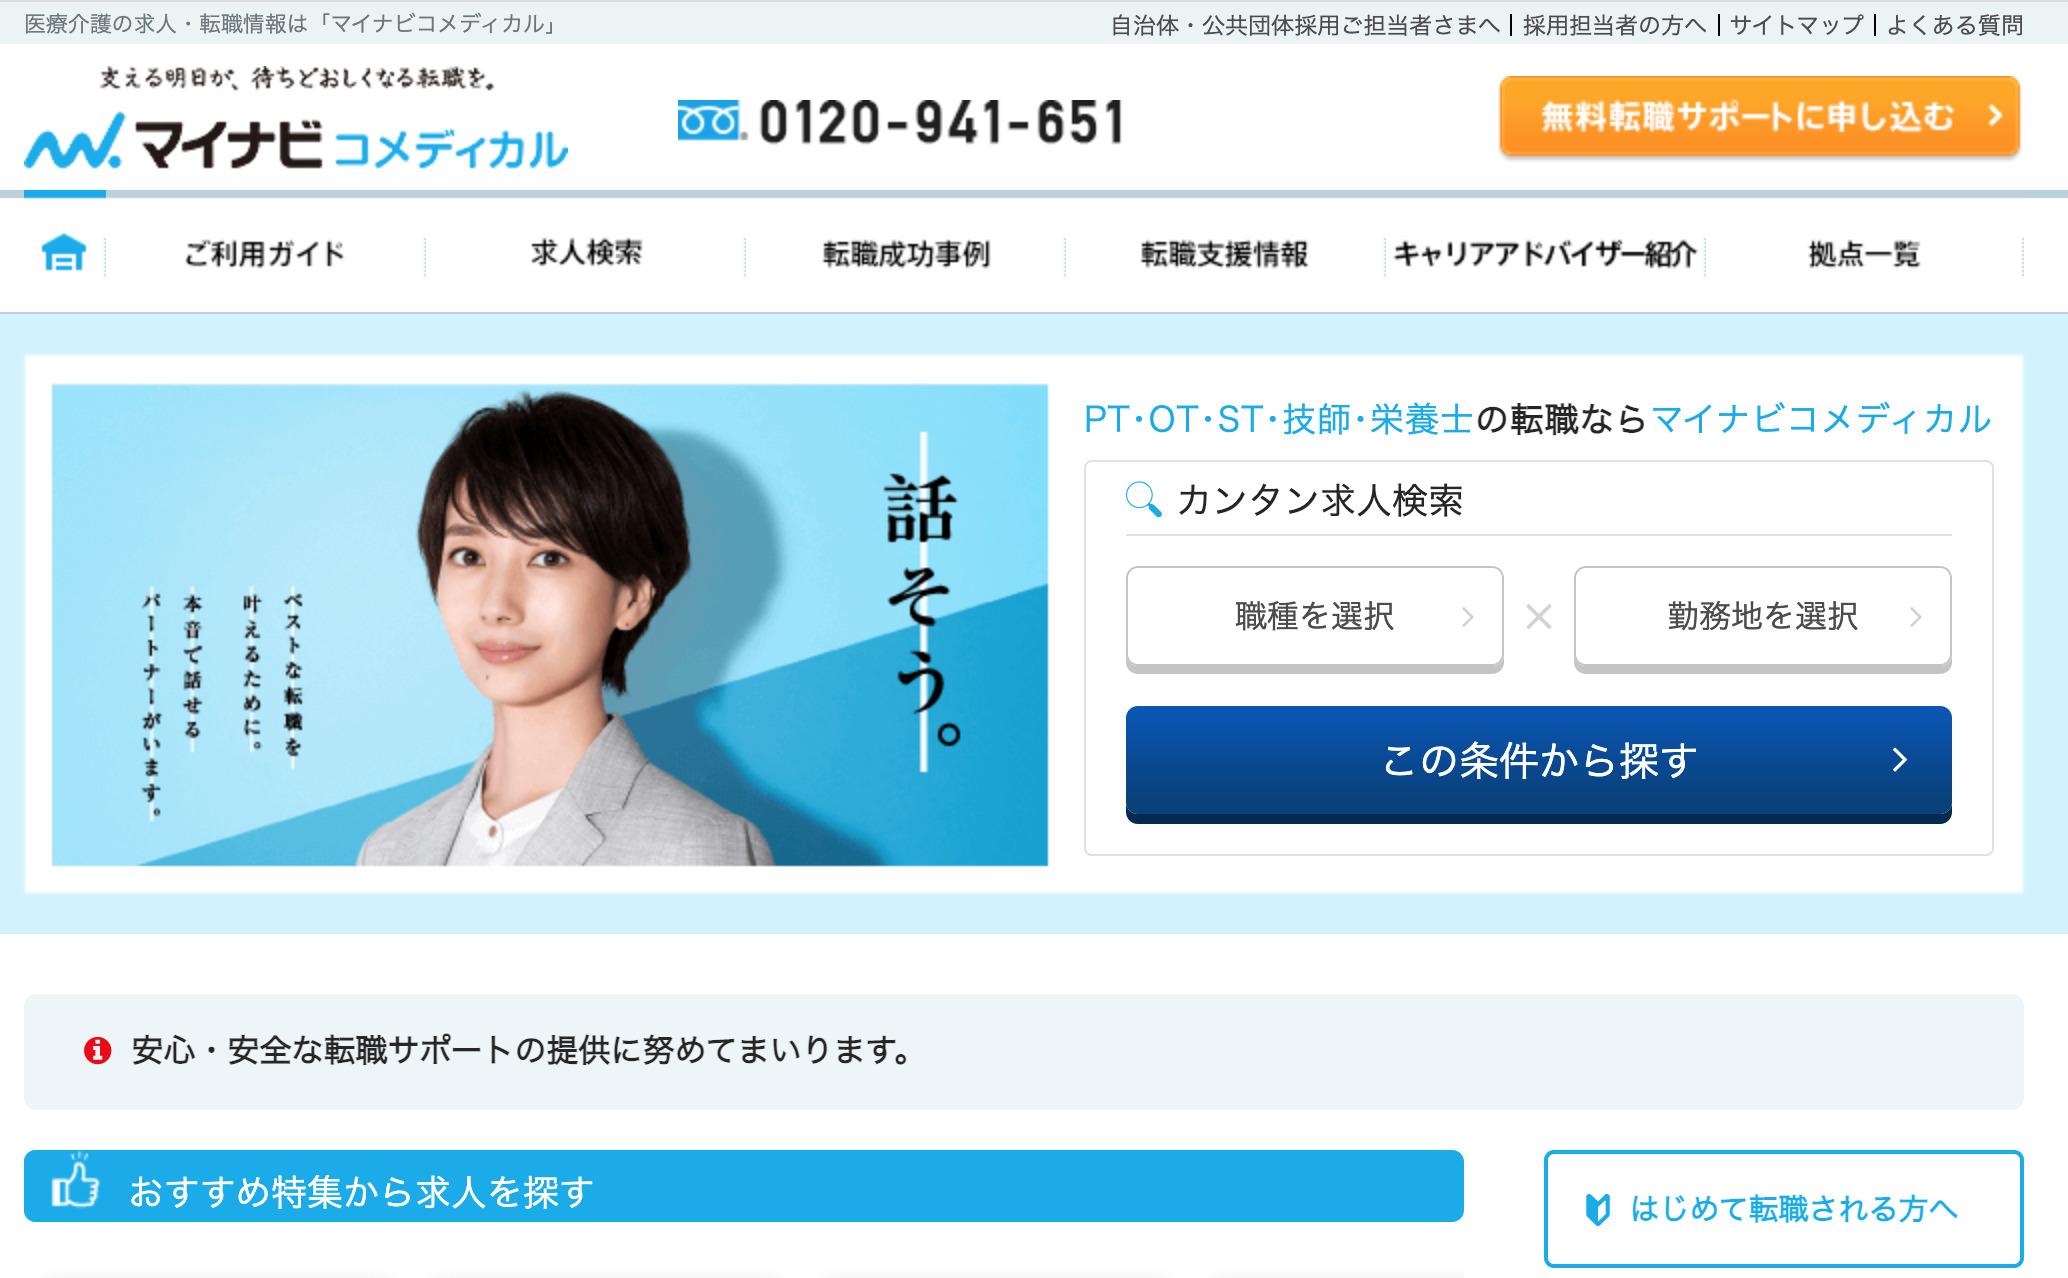 言語聴覚士のお仕事(言語聴覚士の求人・転職ランキング1位)